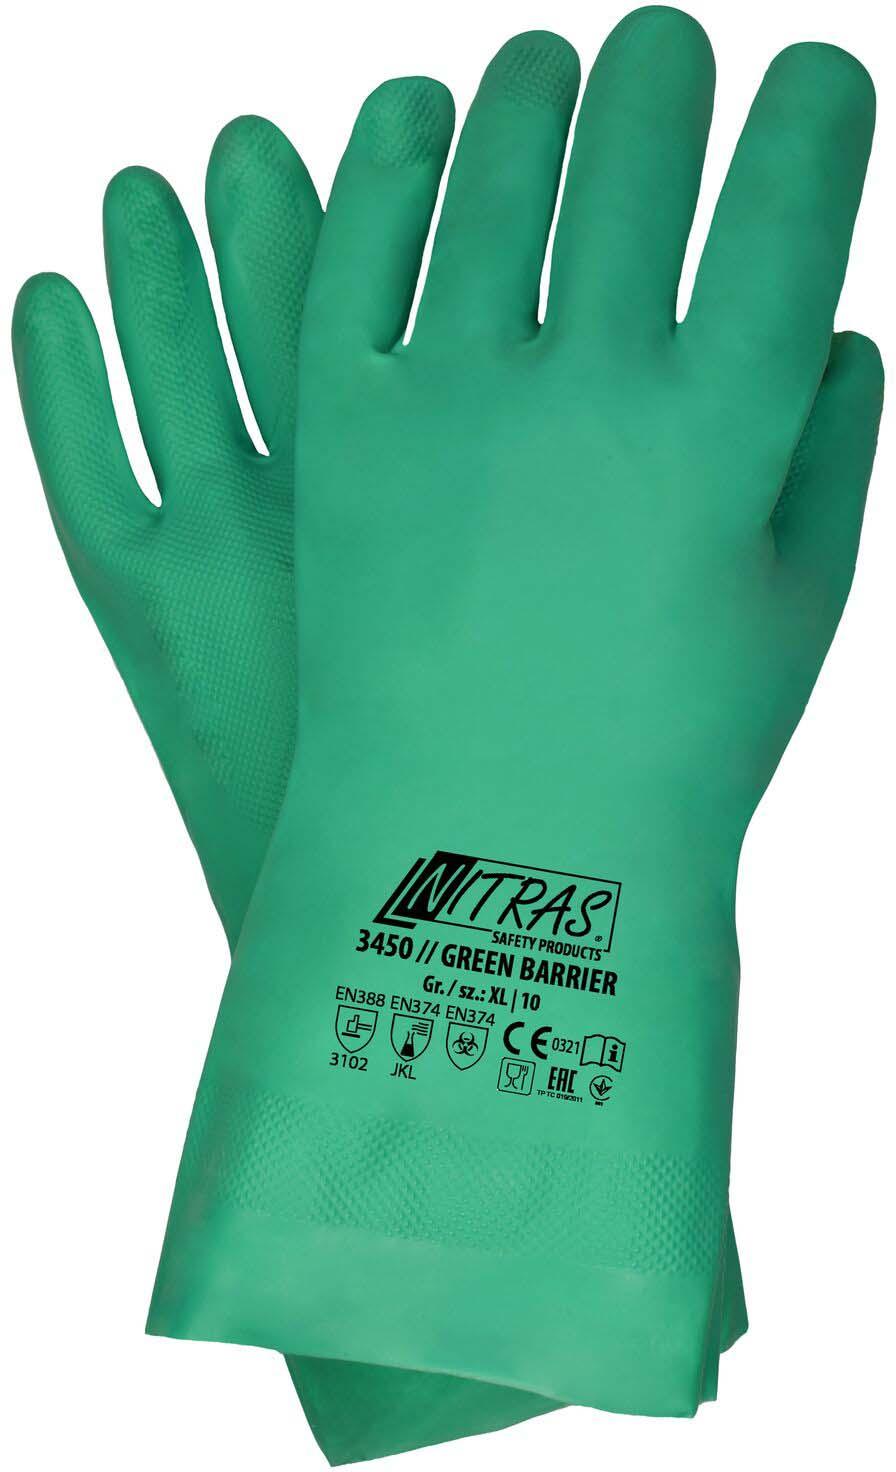 Перчатки хозяйственные Nitras, нитриловые, зеленый, размер 9 (L)